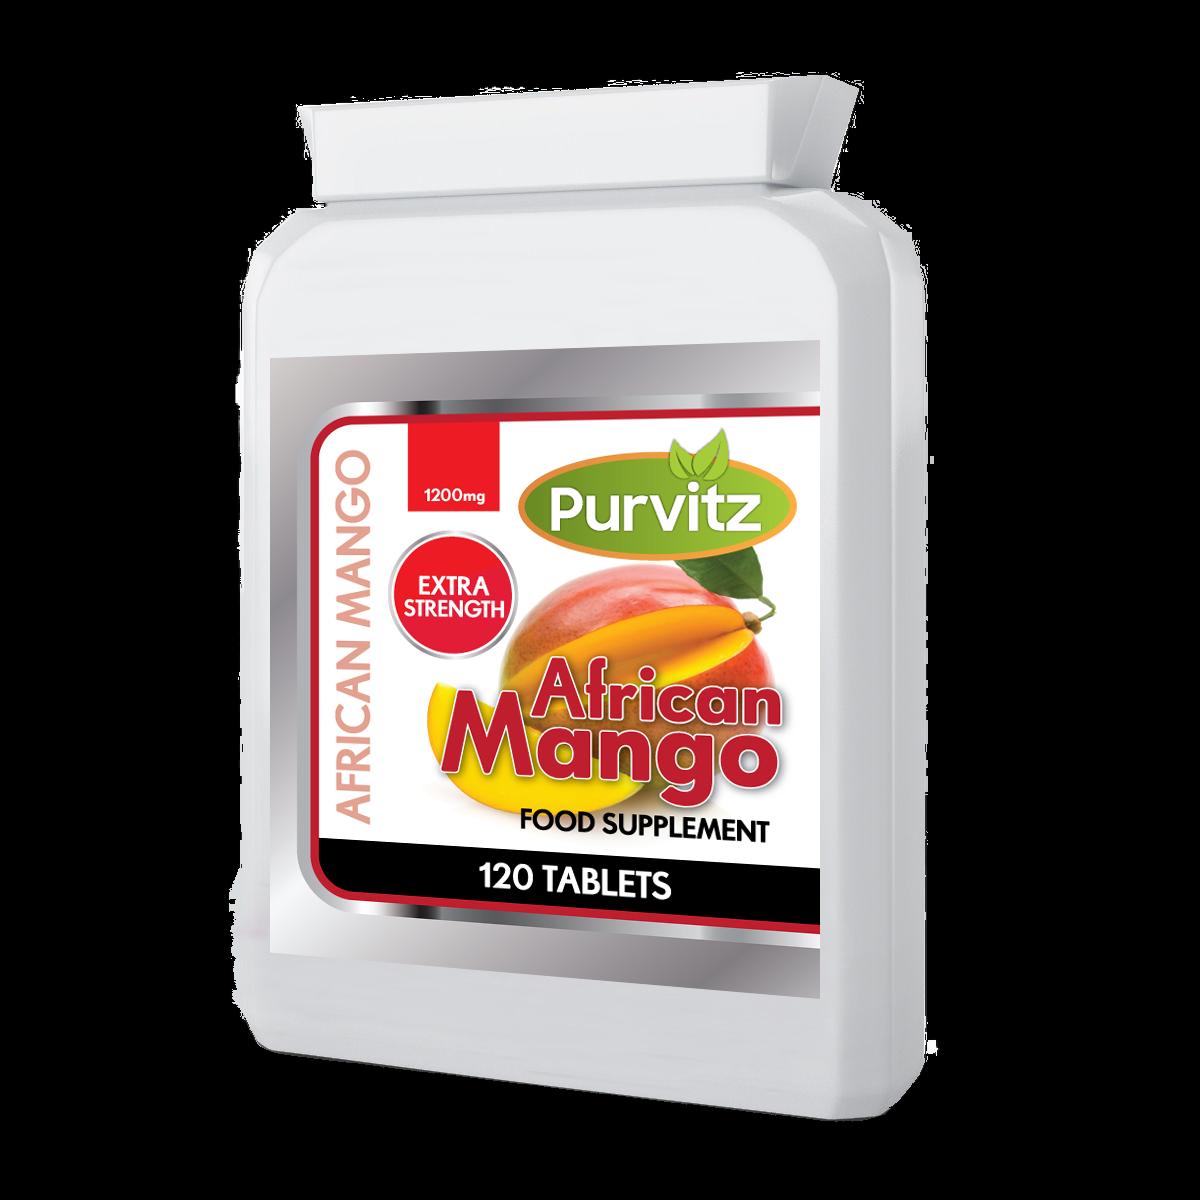 donde puedo comprar pastillas de dieta de mango africano